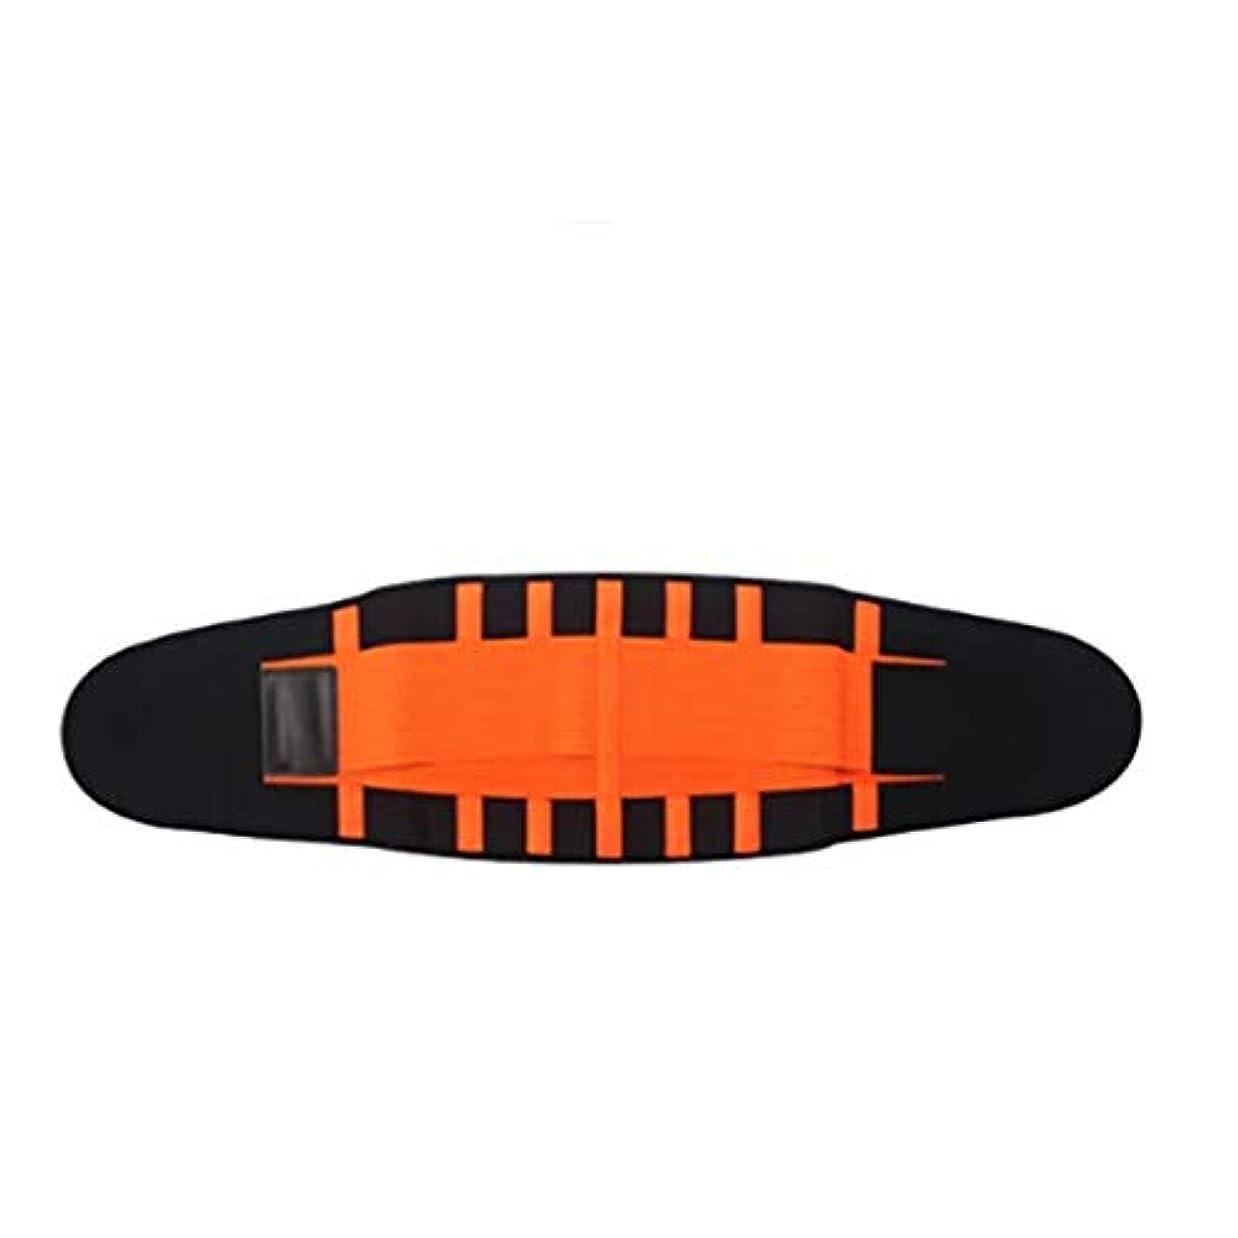 売るサイドボードリッチフィットネスベルト、ウエストベルト、椎間板腰椎筋肉の緊張、コールド、腹部暖かいウエスト、ウエストの保護、腹部ベルト、産後/スポーツ/フィットネス (Size : XL)